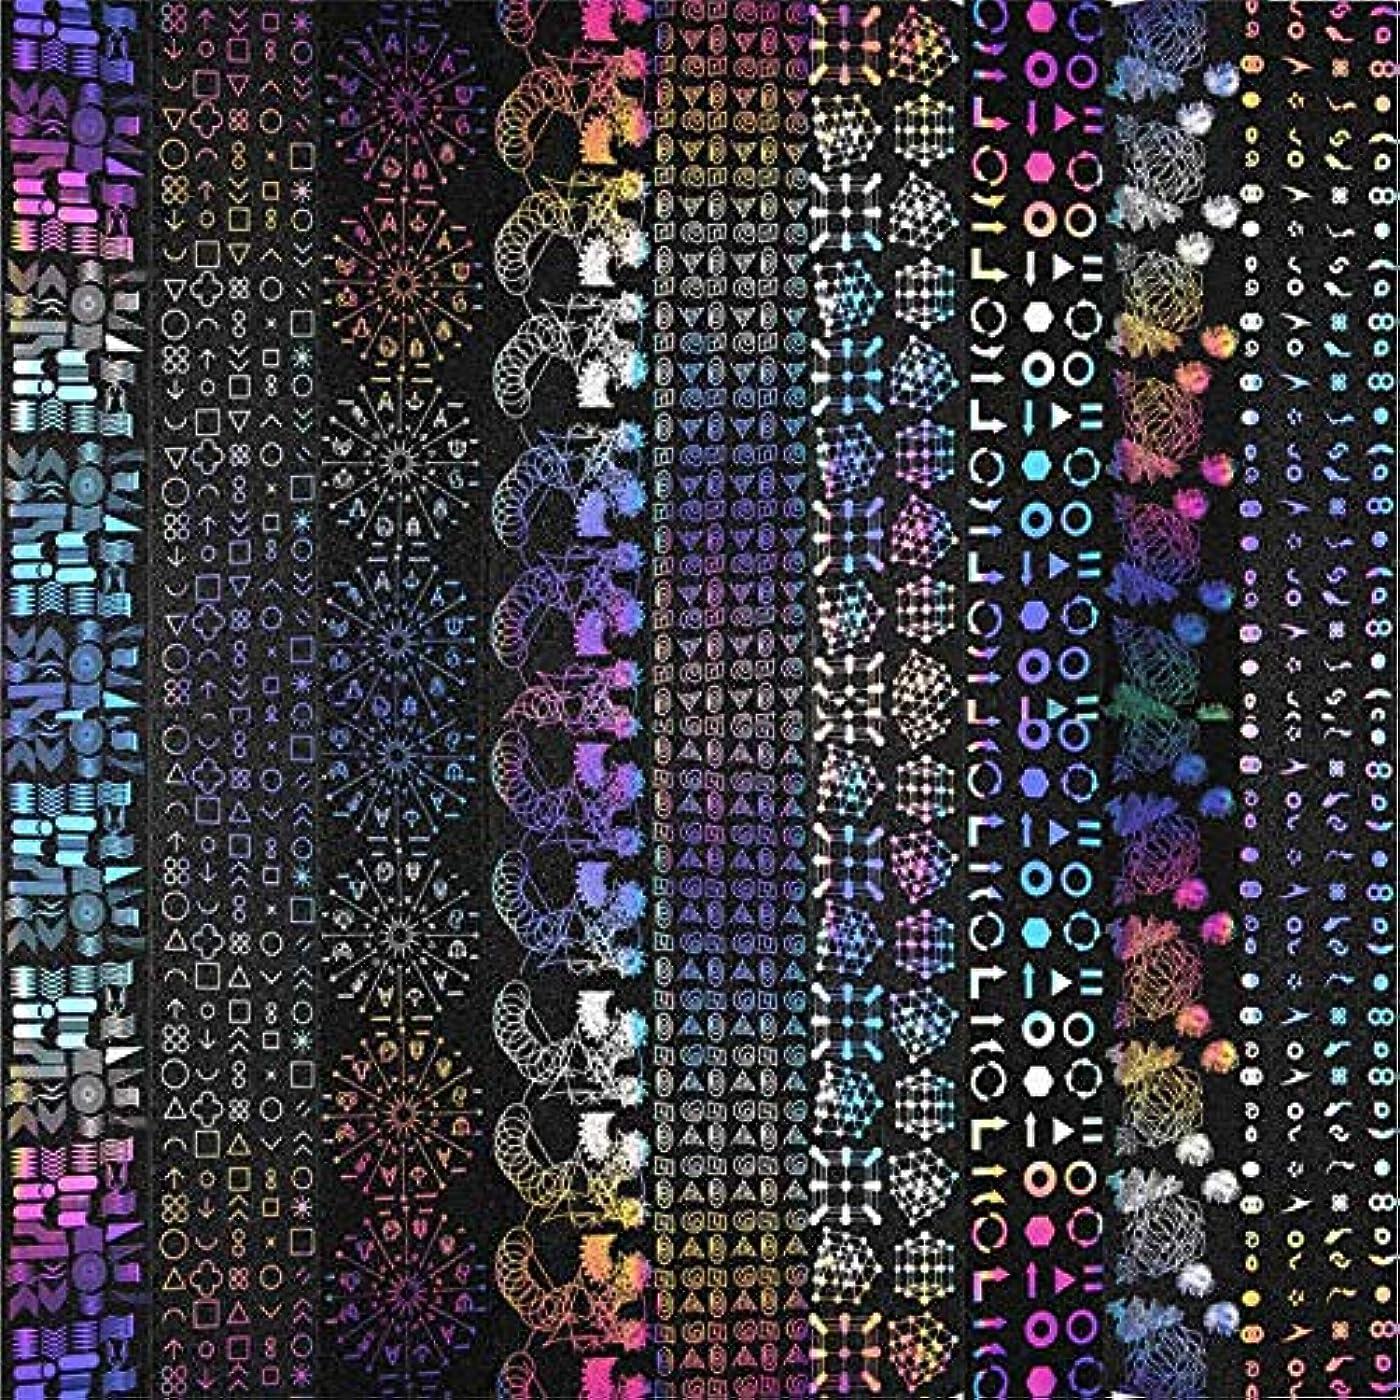 スーツ嵐海外SUKTI&XIAO ネイルステッカー ネイルホイル星空幾何学模様ネイルアート転写ステッカーホログラフィック接着剤のヒントネイルデコレーションセット、Jq327-Jq335